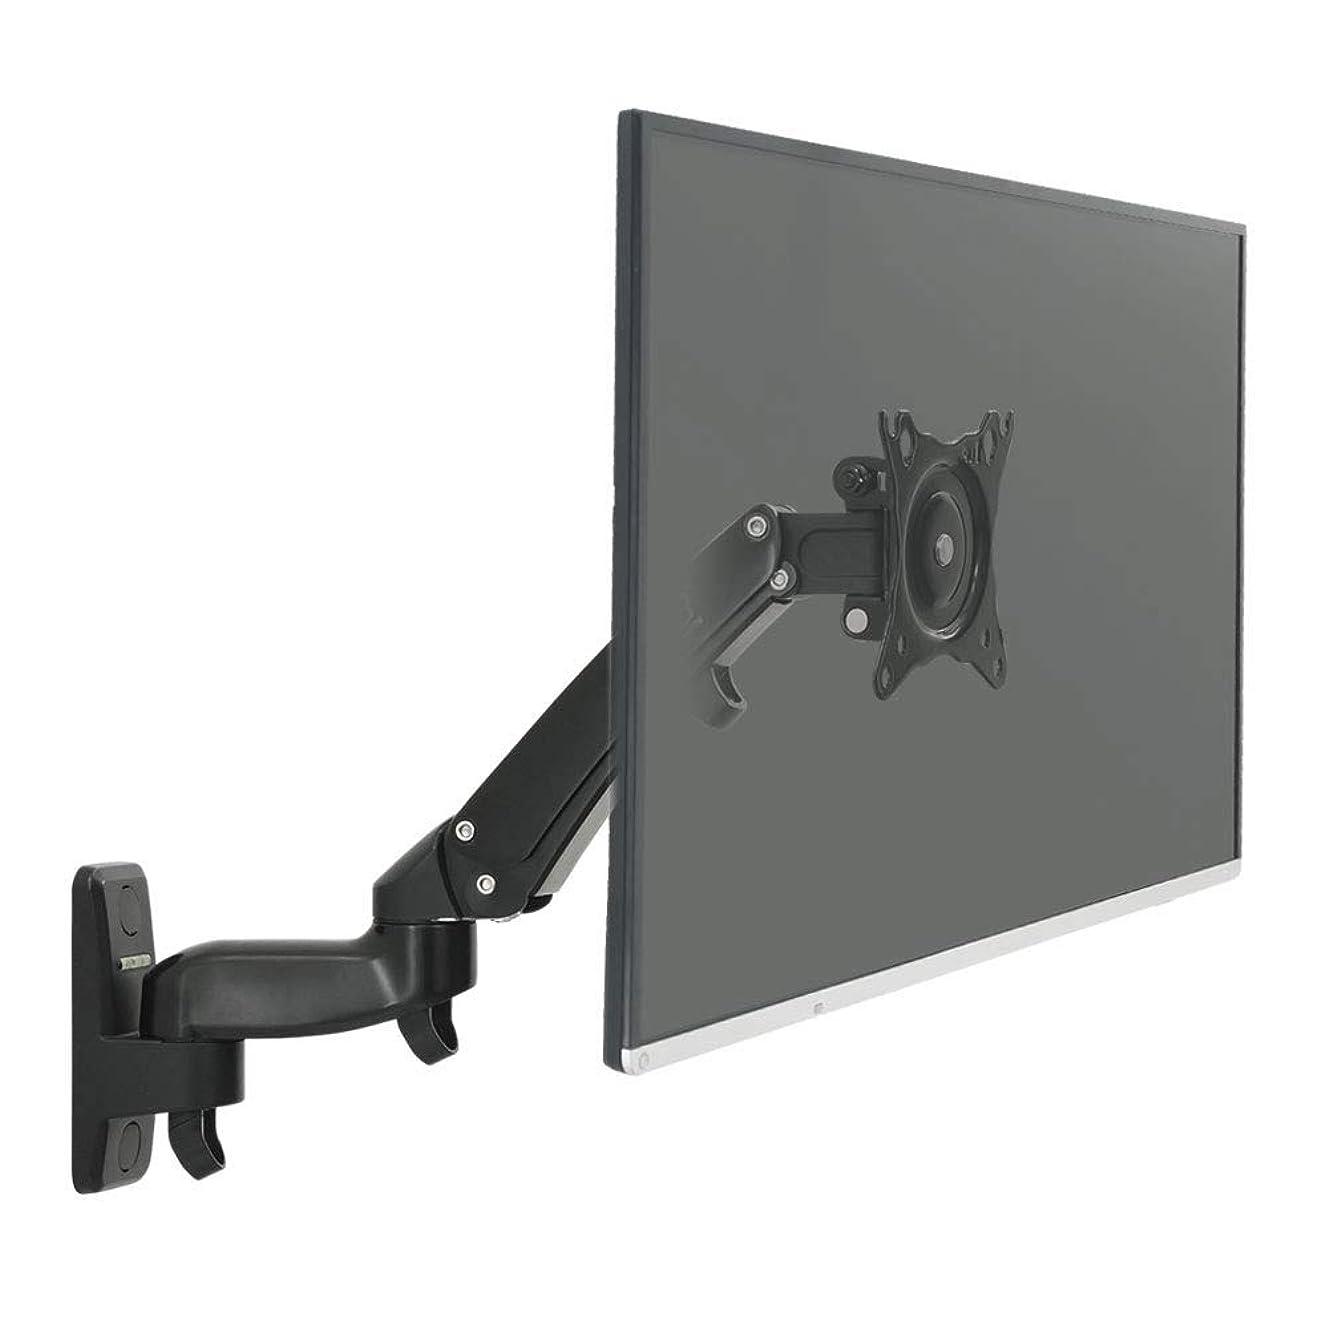 拒絶乱れクレアイーサプライ テレビ壁掛け金具 32-40インチ対応 モニターアーム 薄型 上下左右可動 360度回転 EEX-TVKA001